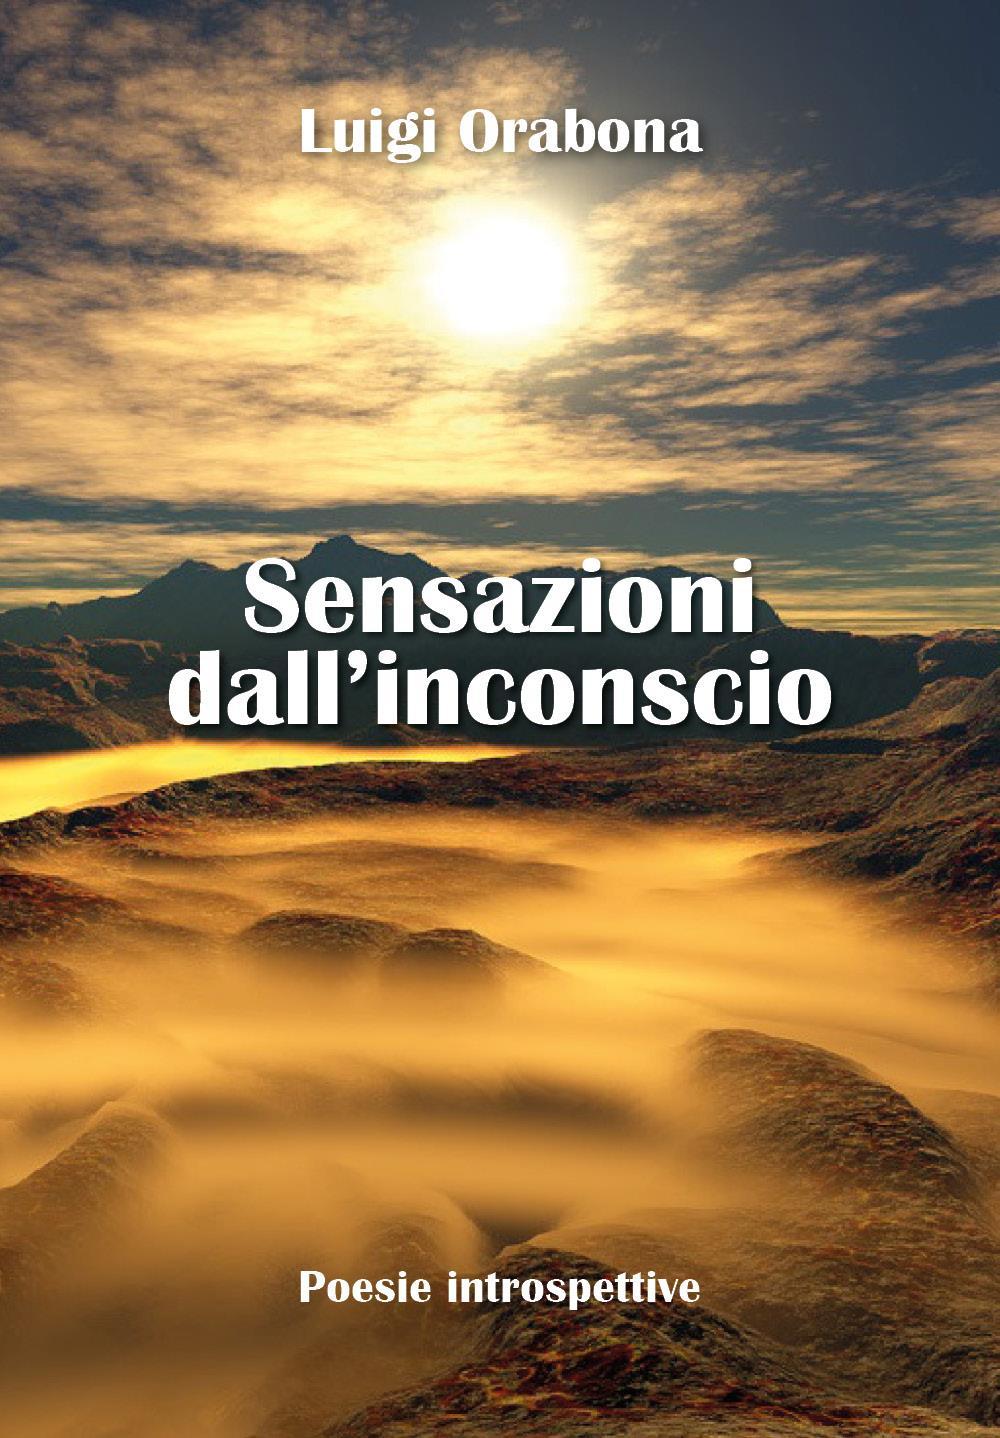 Sensazioni dall'inconscio